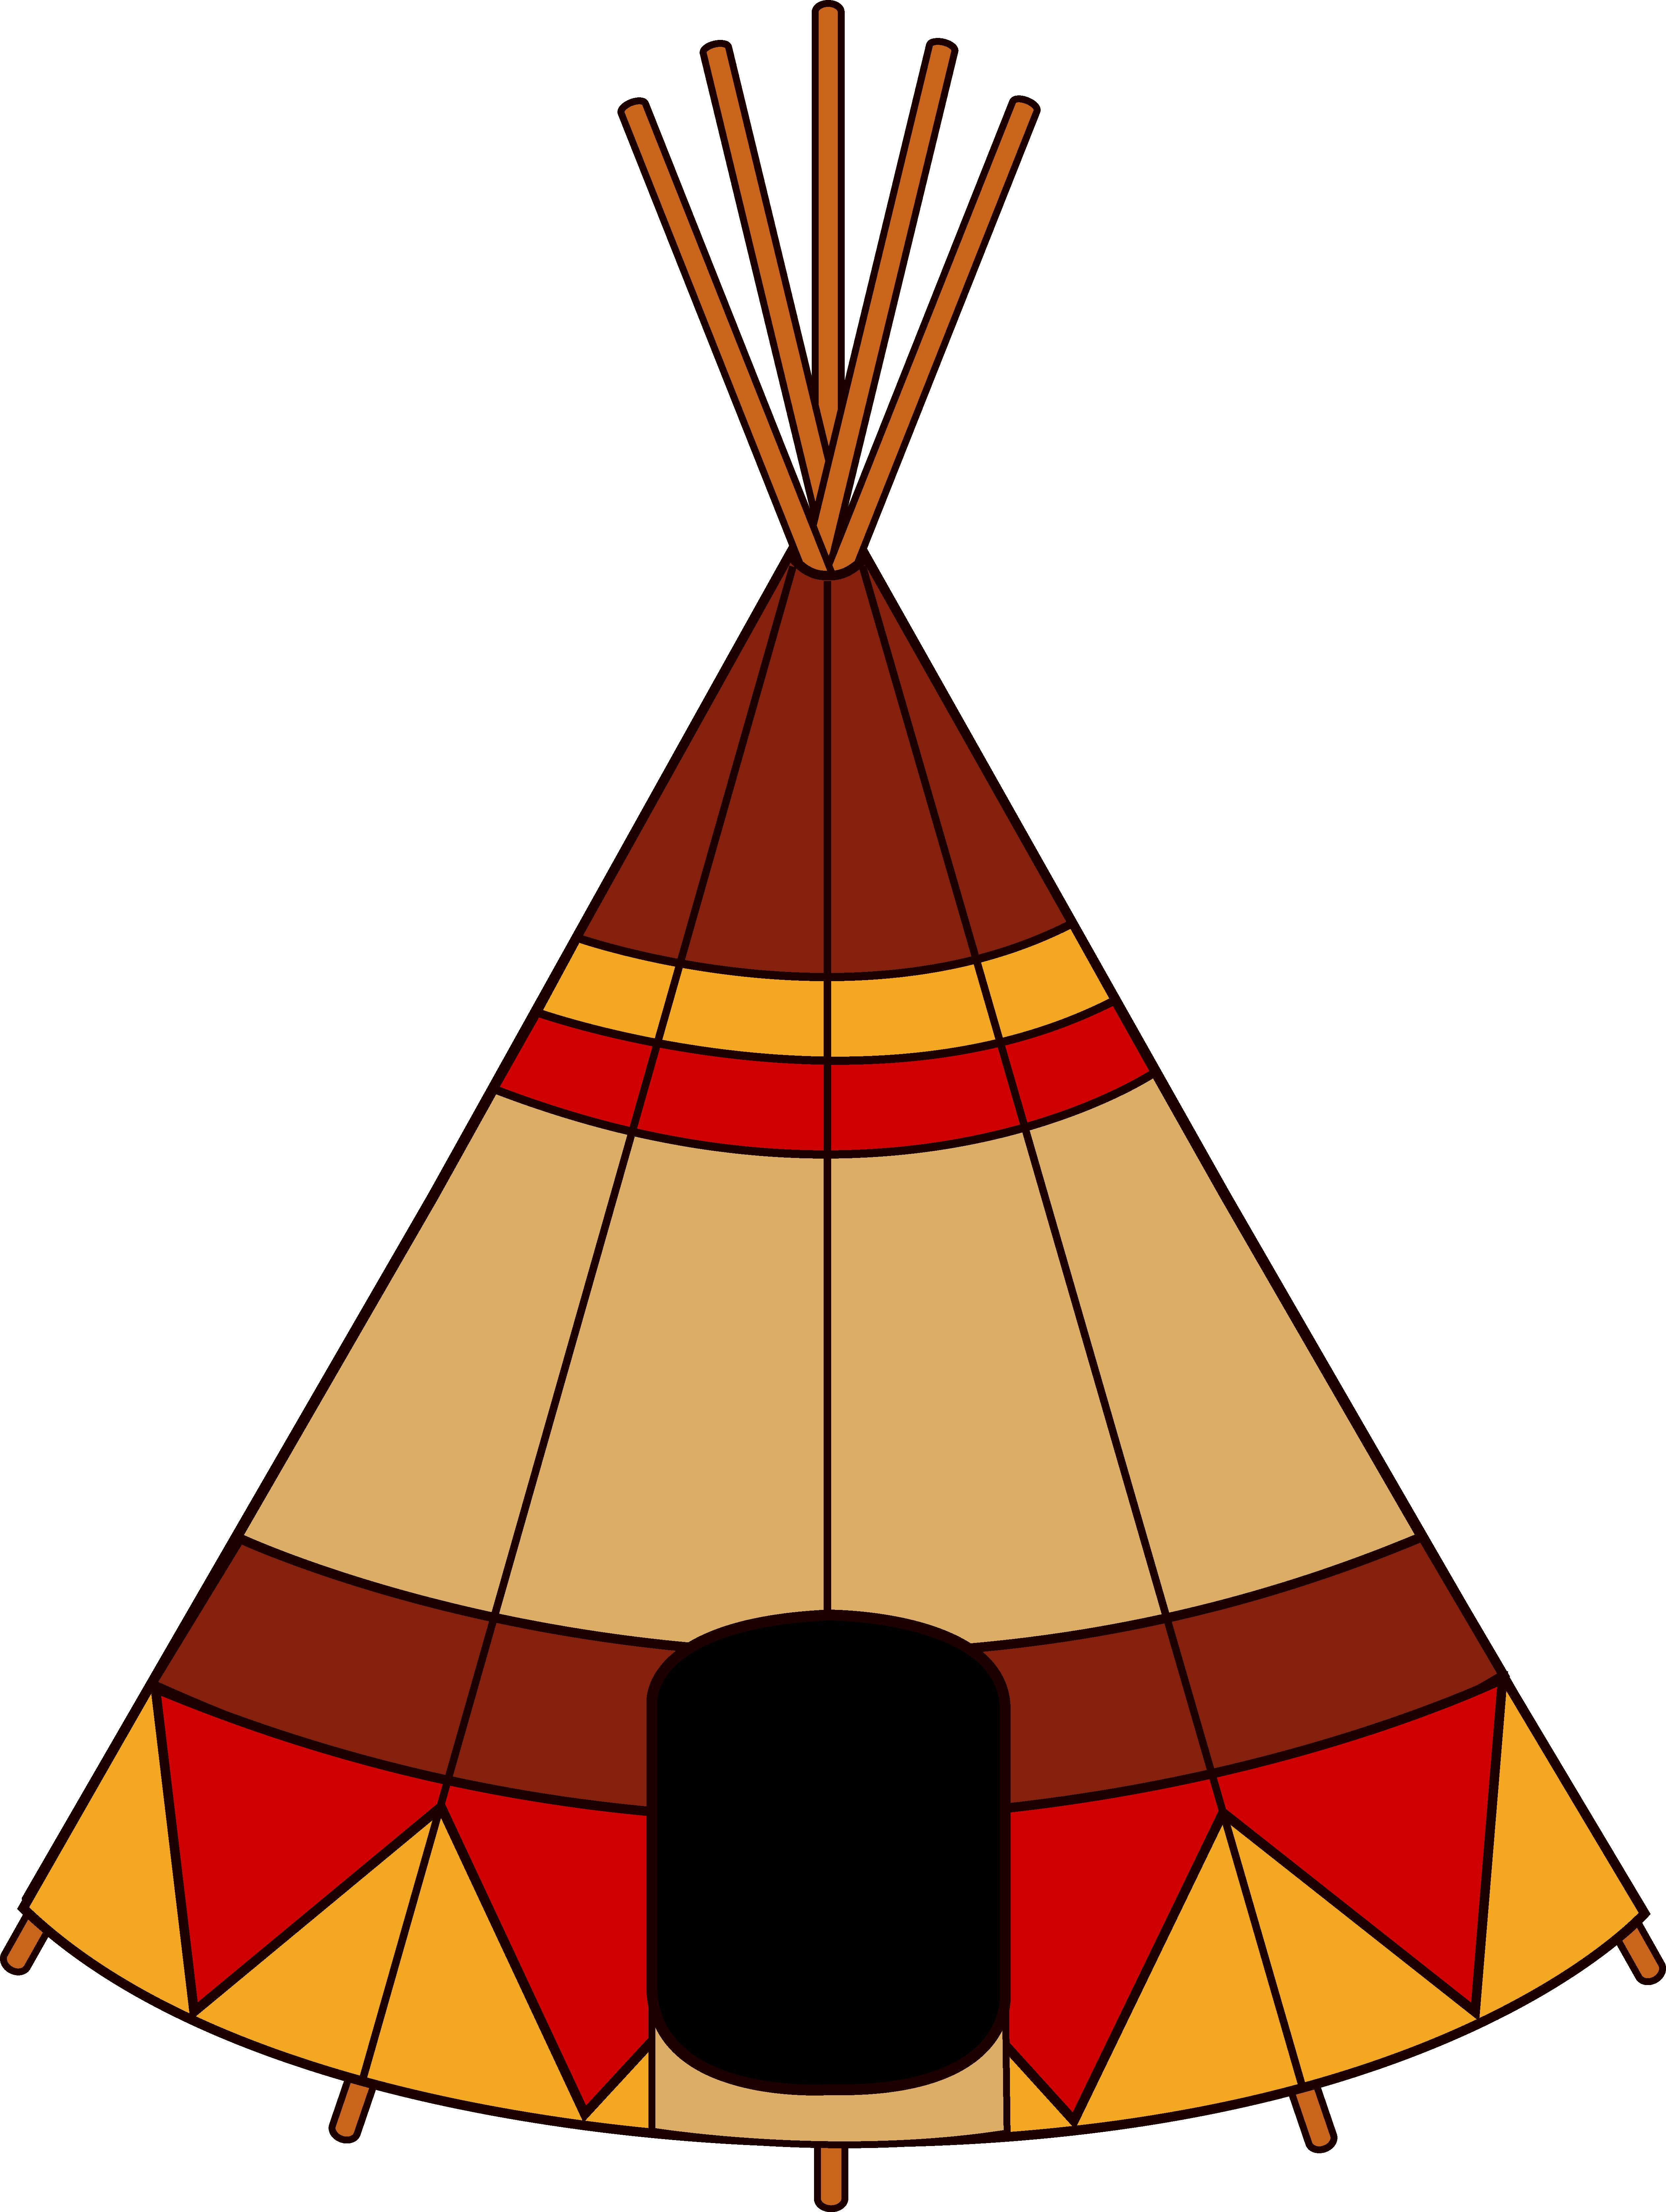 Native american teepee free. Clipart tent tee pee